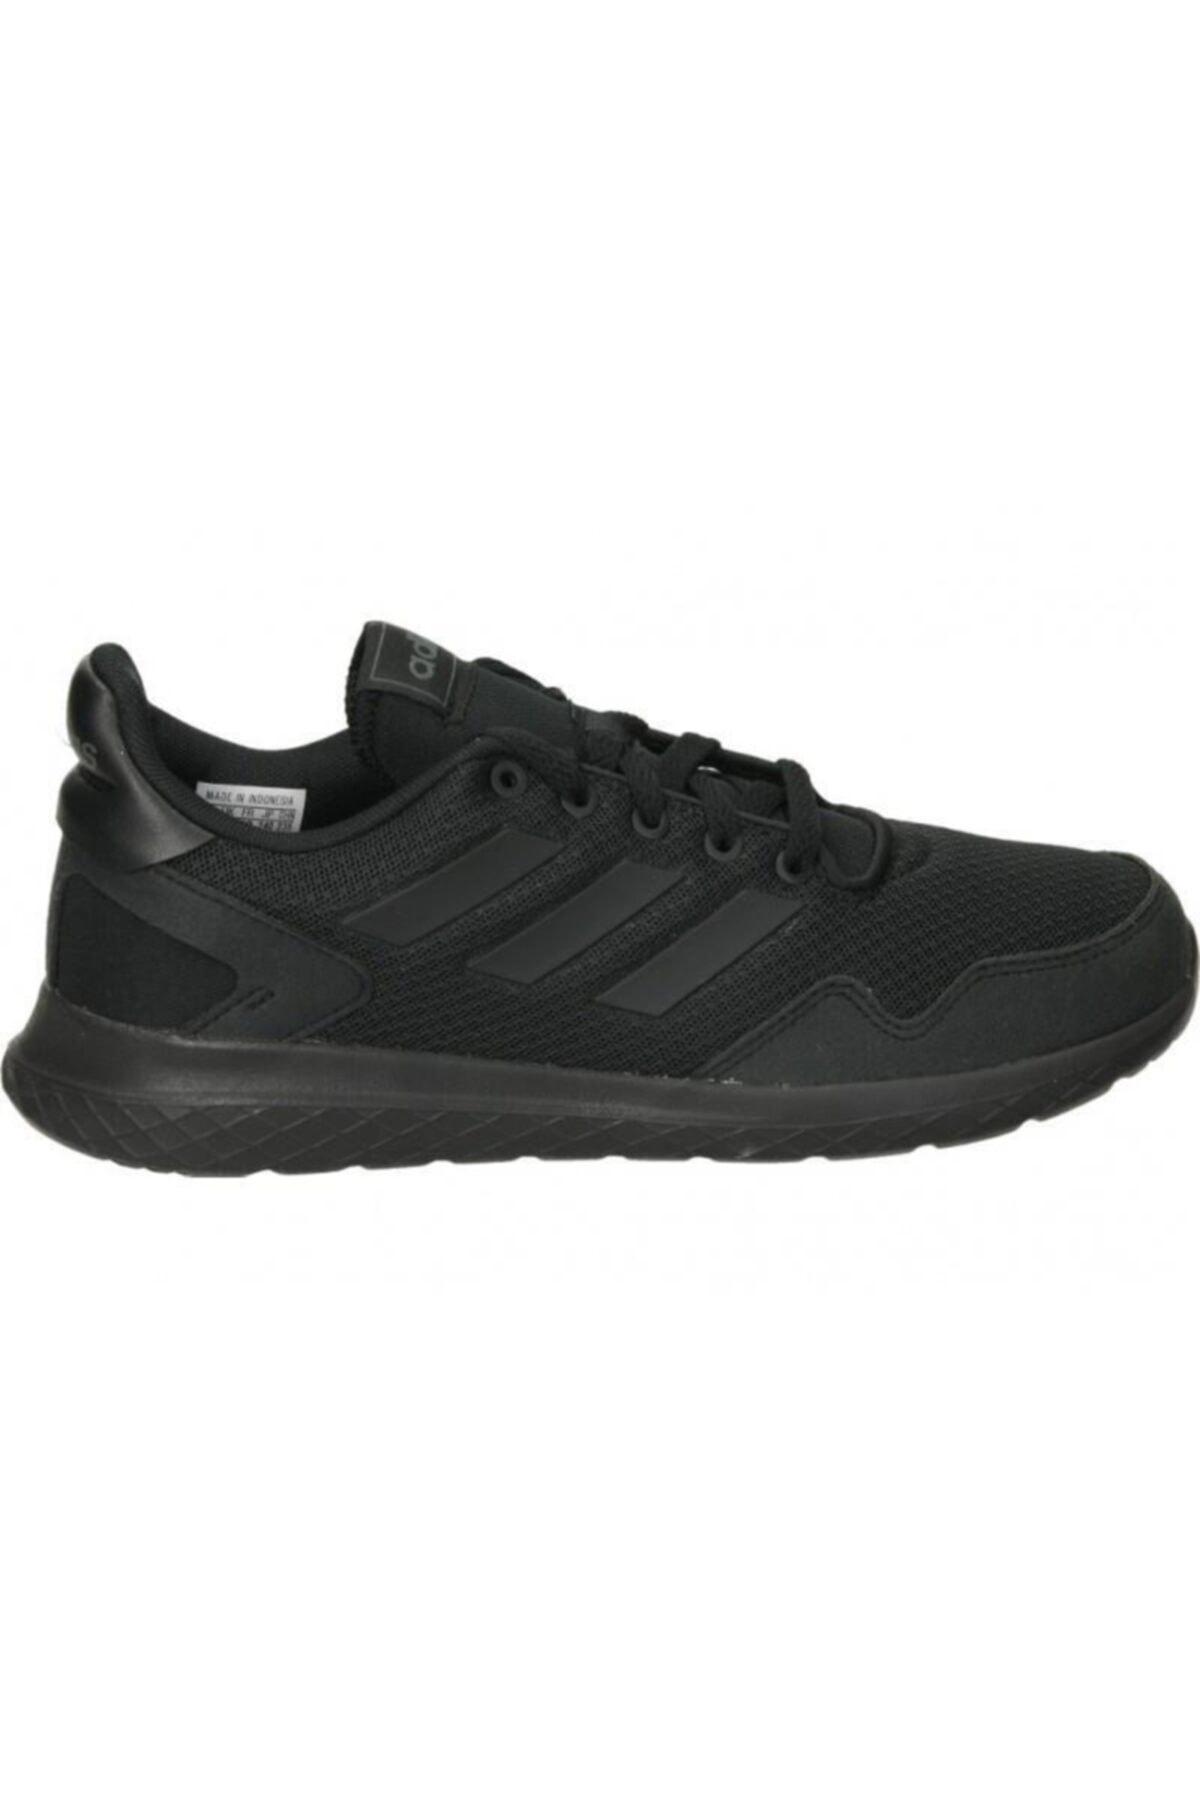 adidas Eg7819 Archıvo K Çocuk Koşu Ayakkabı 2